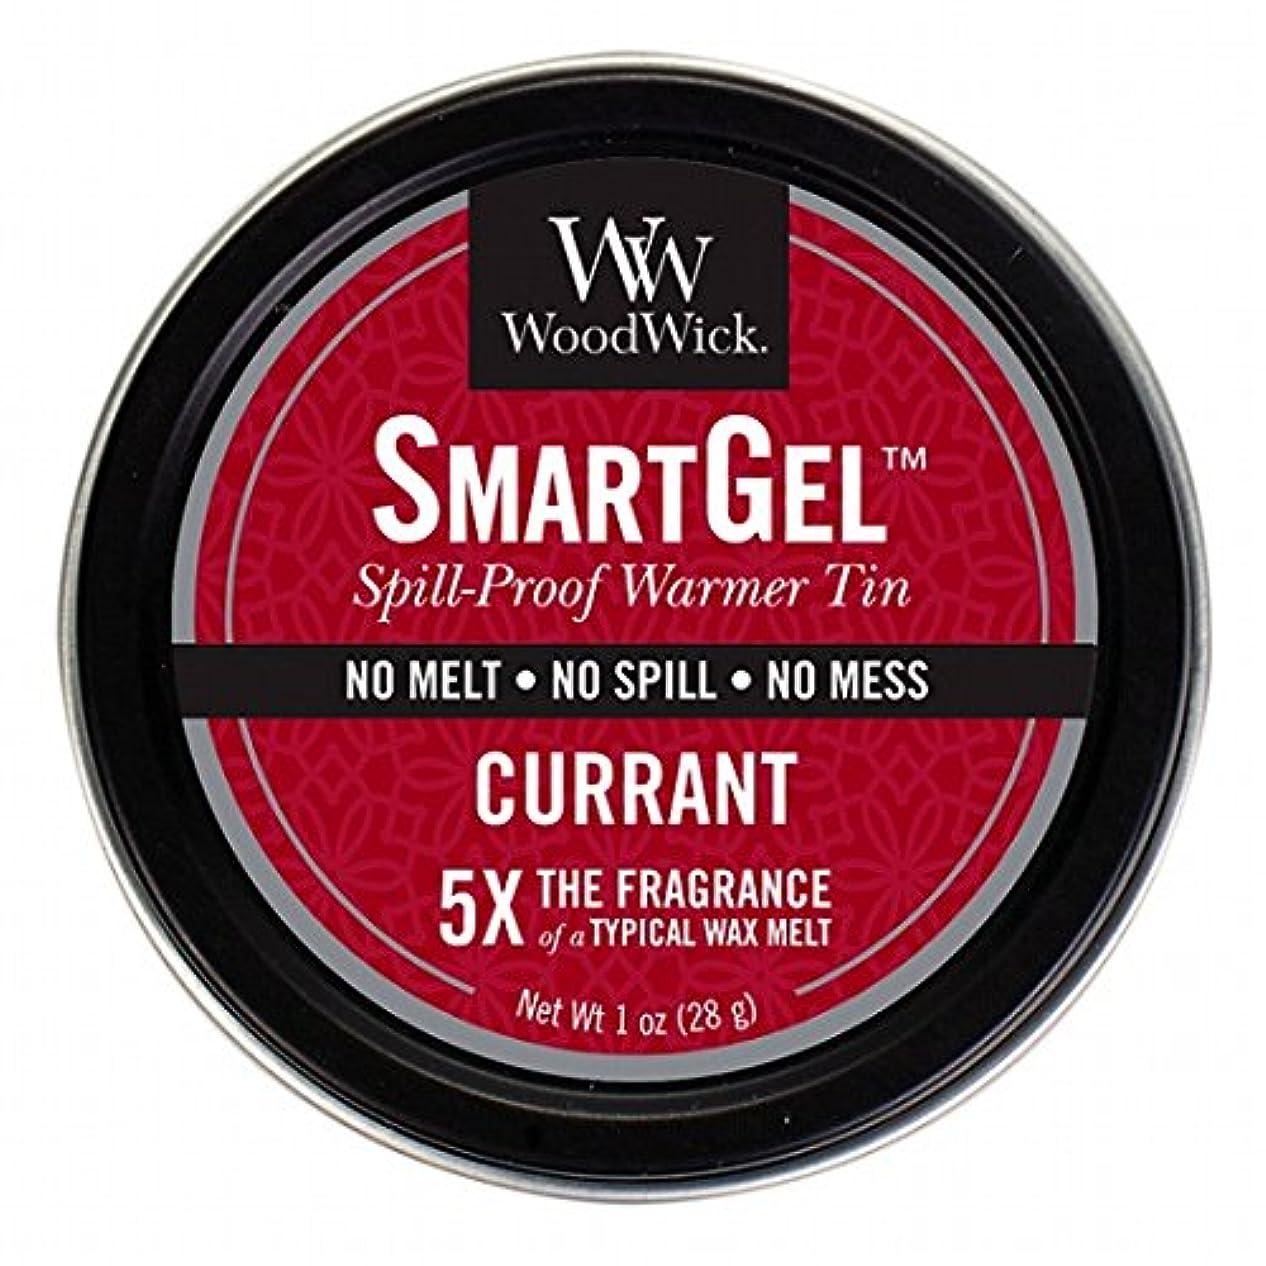 解決するにおい指定WoodWick(ウッドウィック) Wood Wickスマートジェル 「 カラント 」W9630520(W9630520)